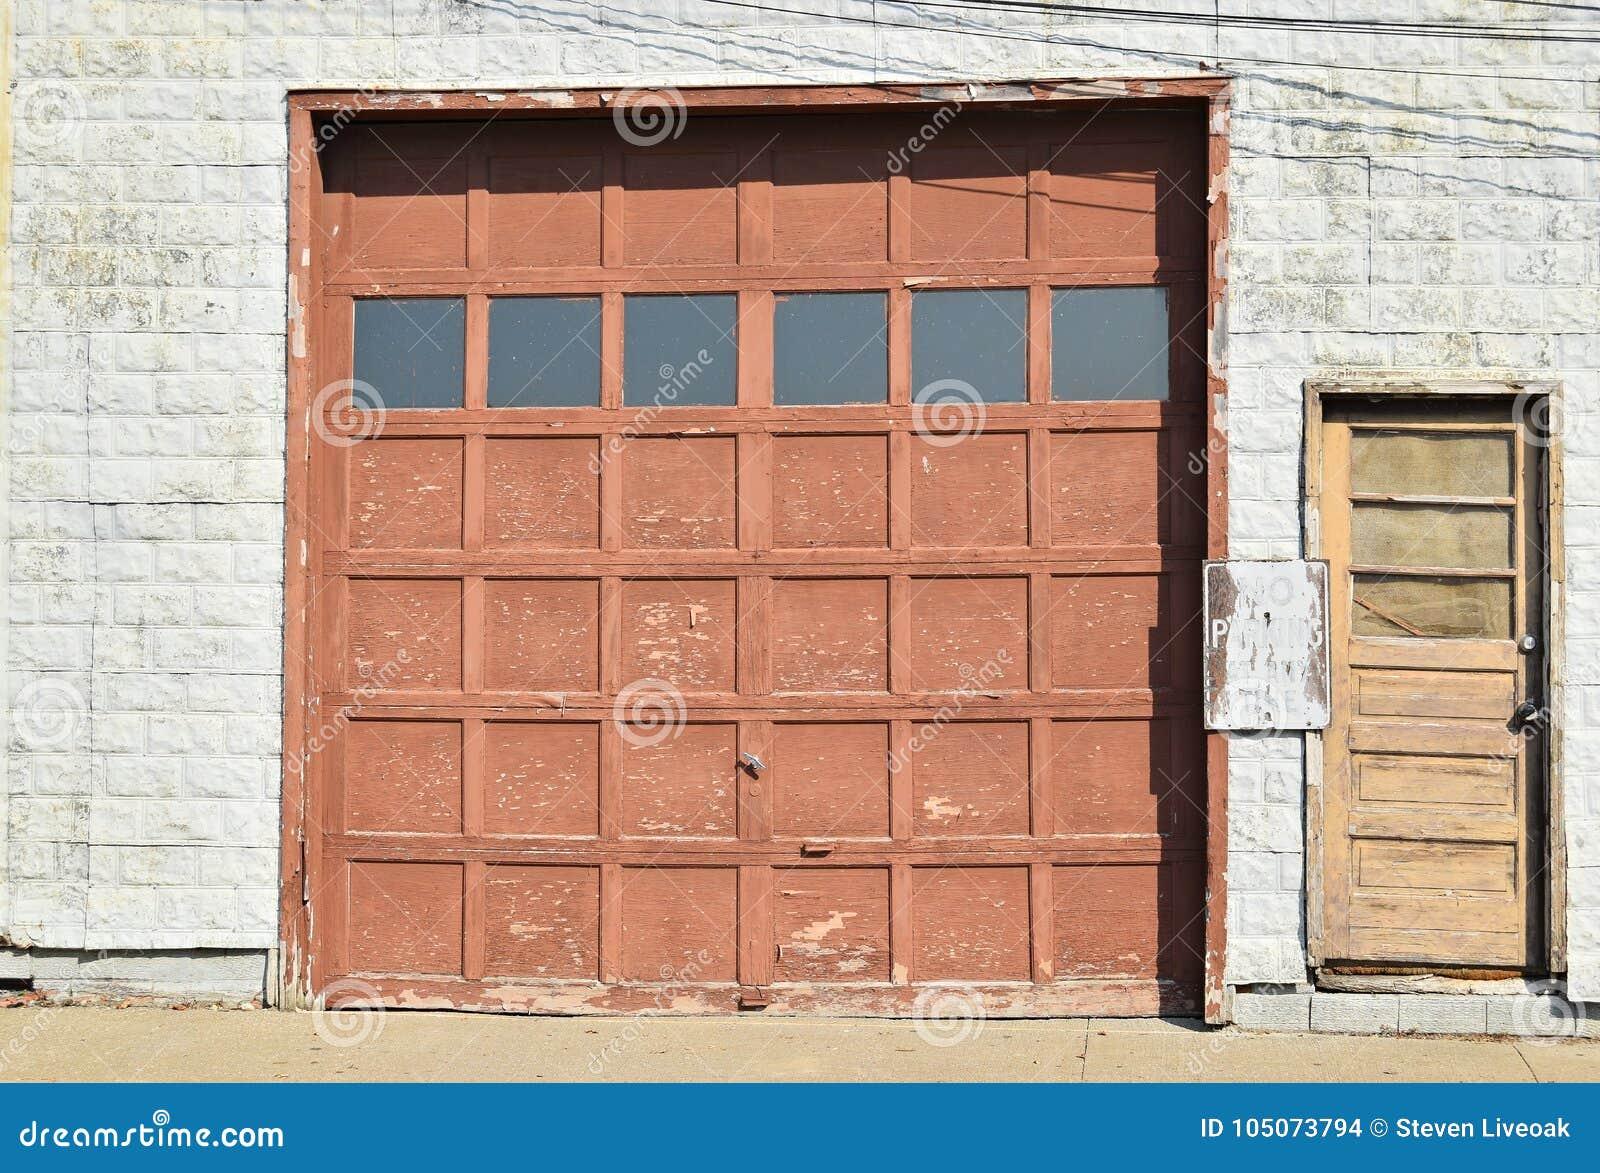 Wooden Garage Door With Small Door Stock Photo Image Of Property